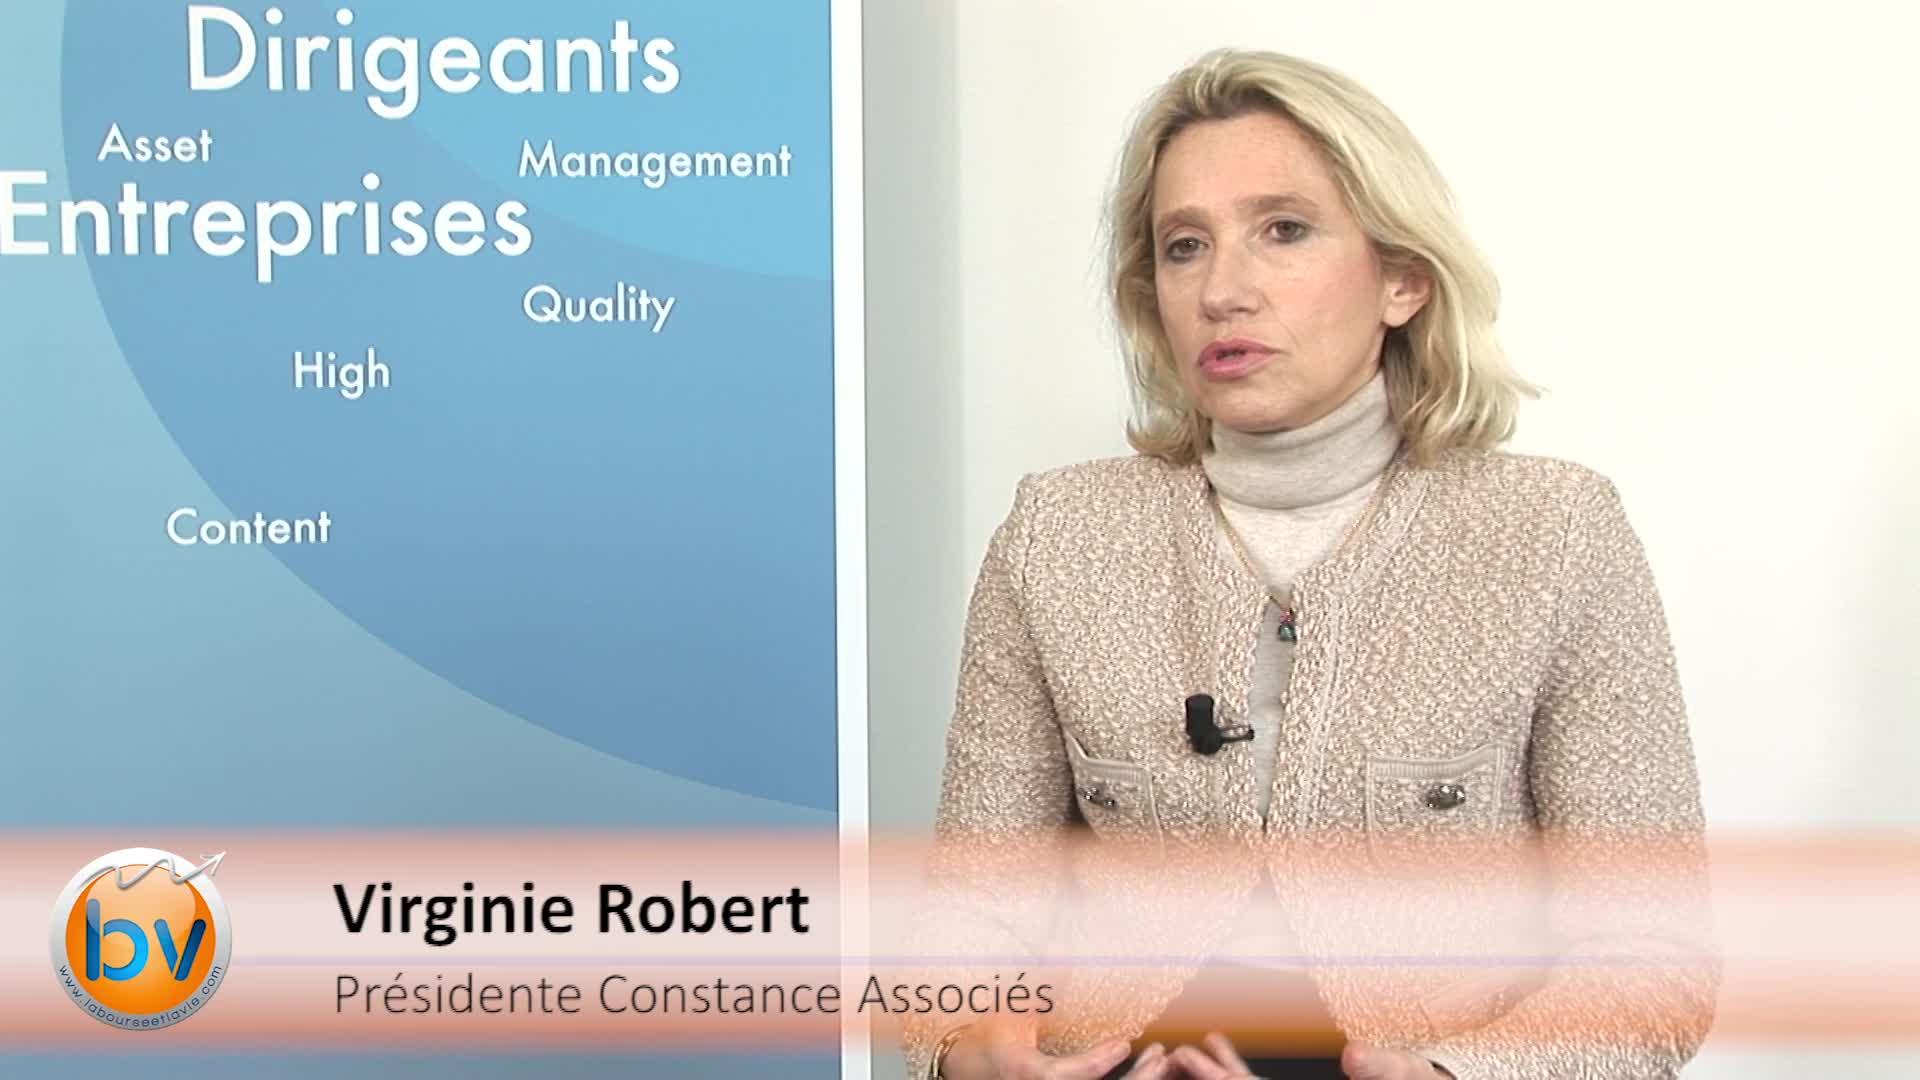 """Virginie Robert Présidente Constance Associés : """"Rester concentré sur la qualité"""""""